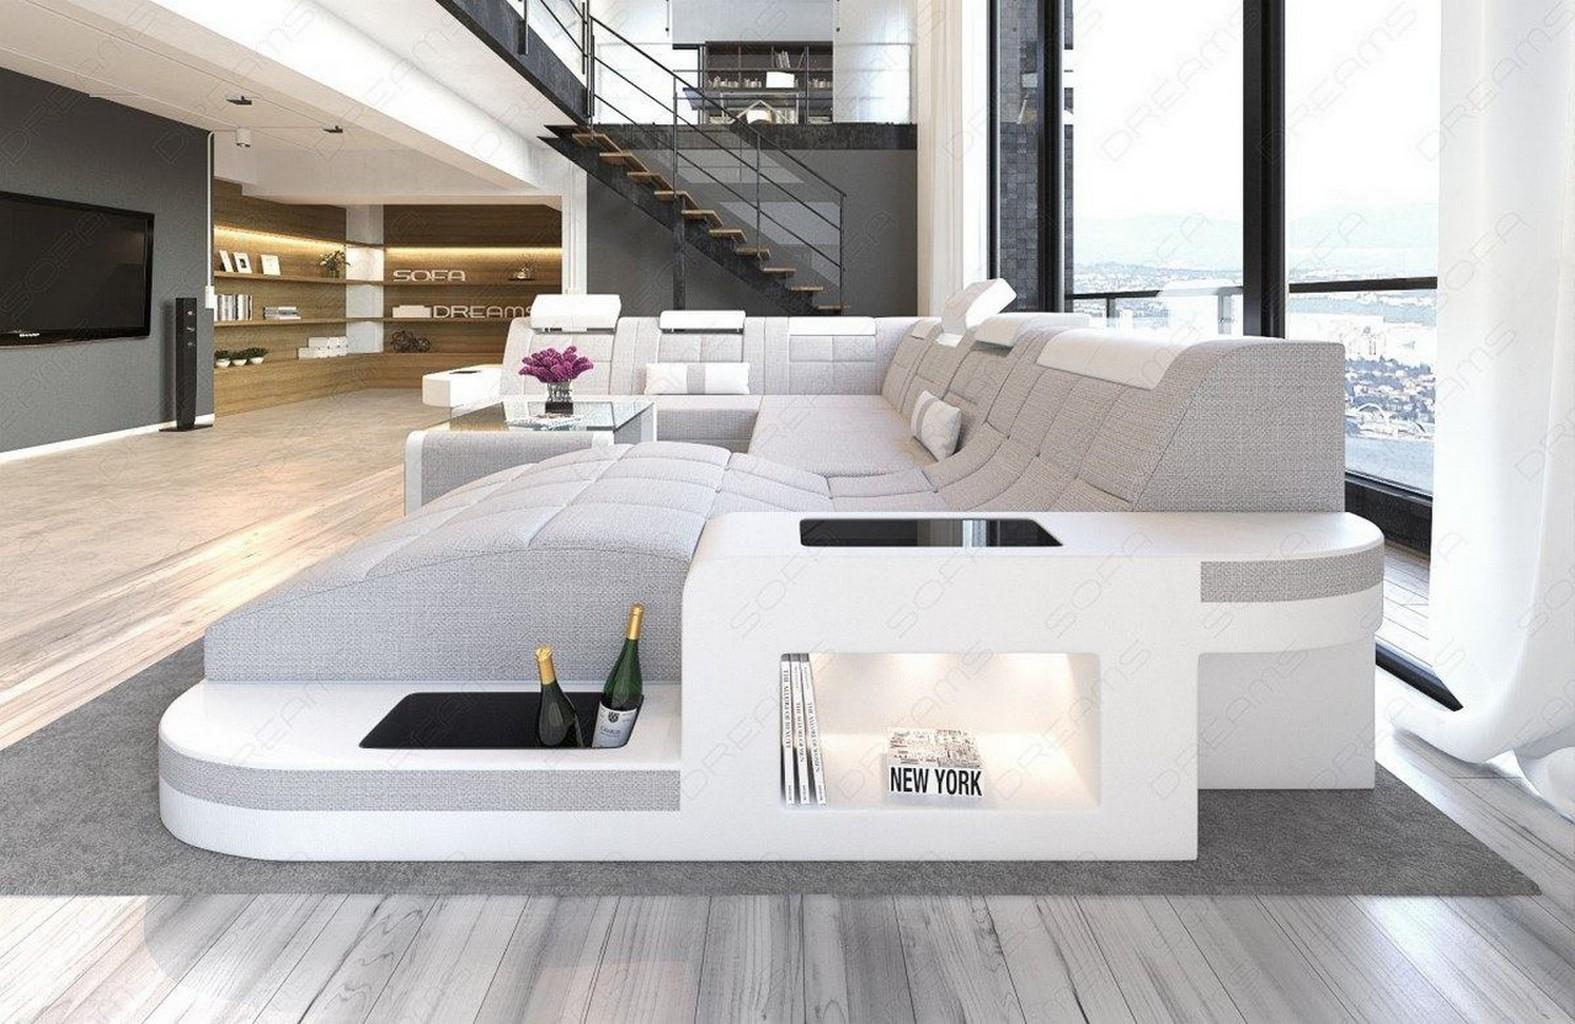 Designersofa wohnlandschaft couchgarnitur wave xl sand mit for Hellgraue wohnlandschaft